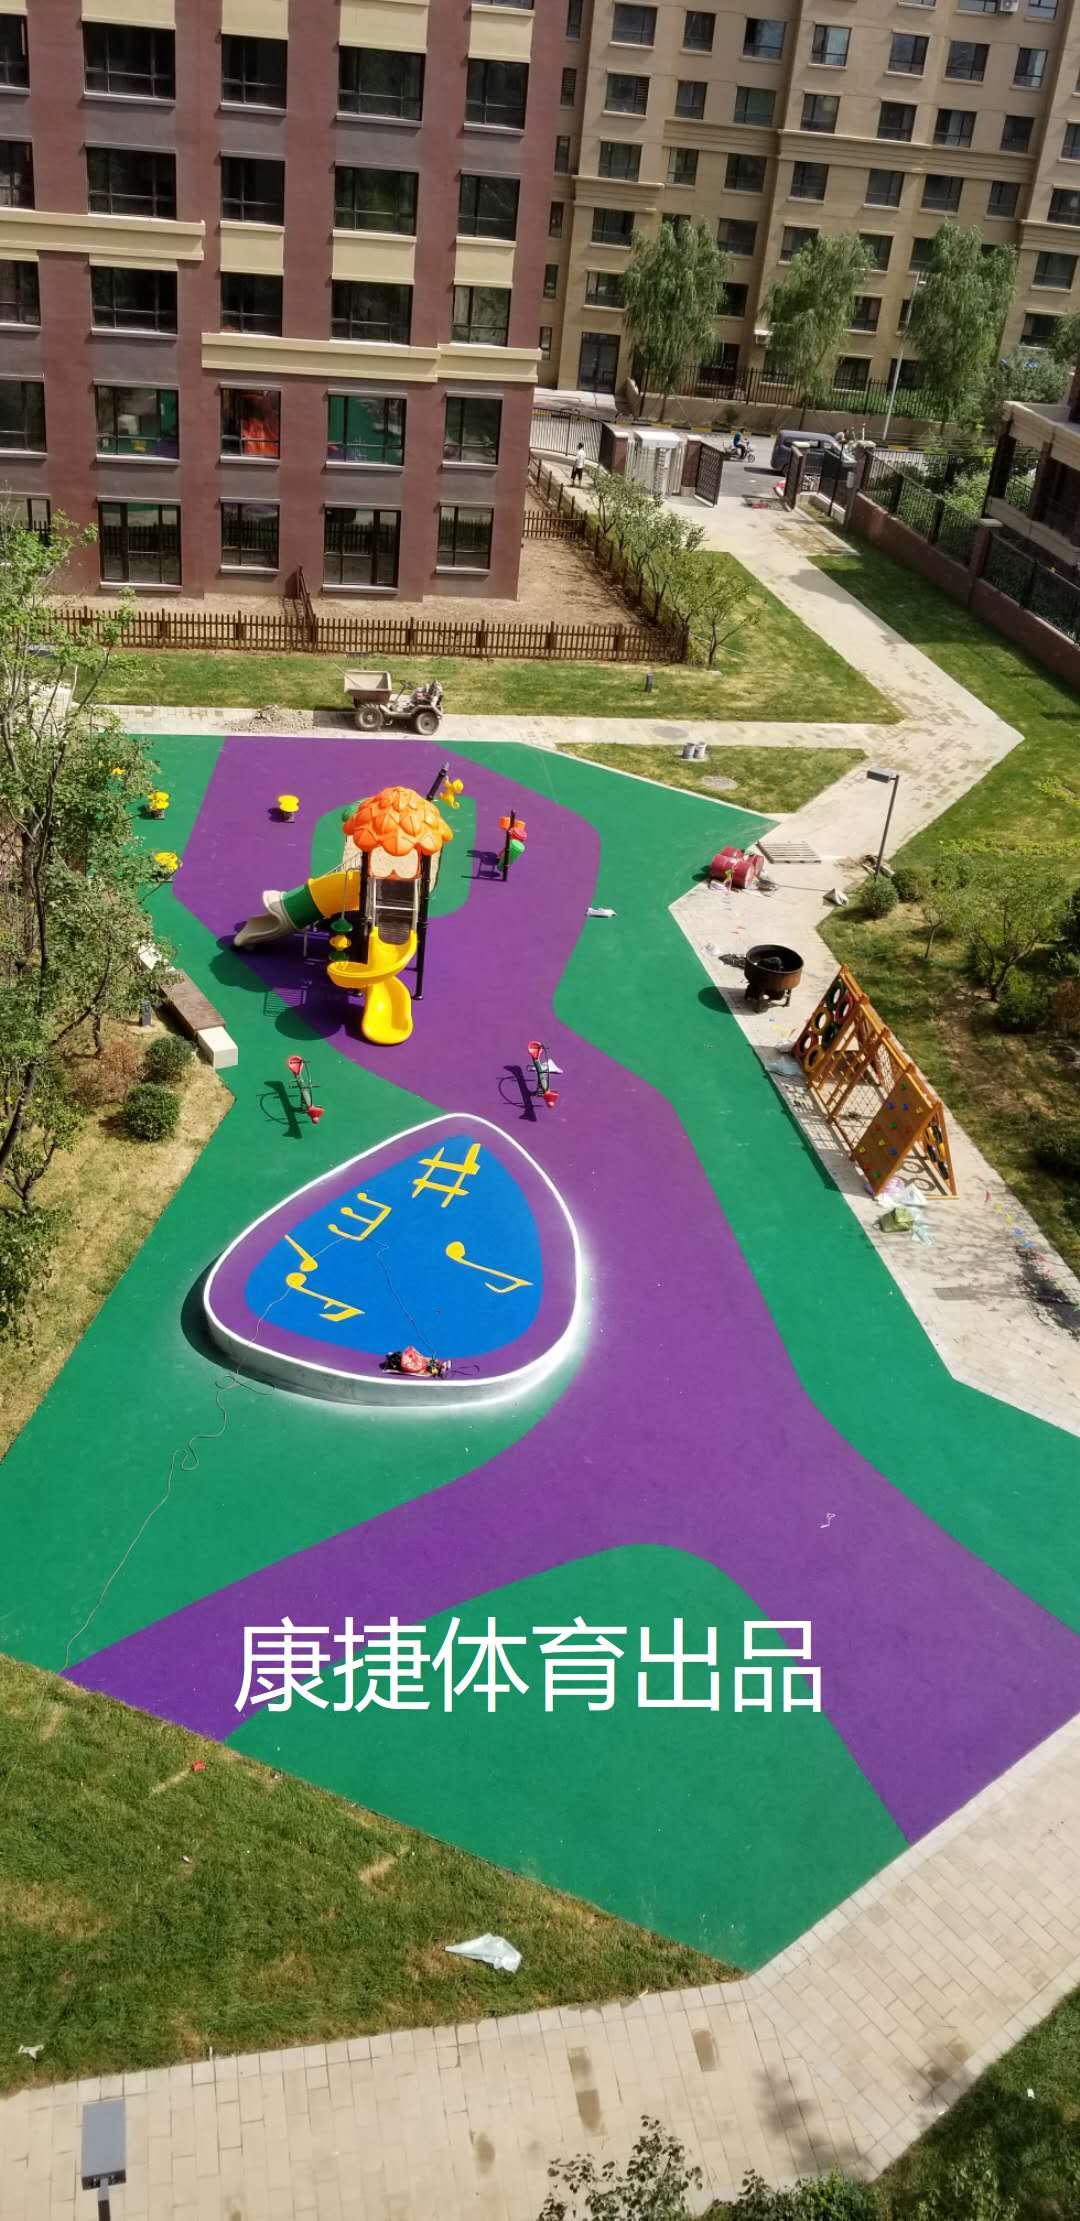 沈阳浑南区小石城东区儿童活动区塑胶颗粒